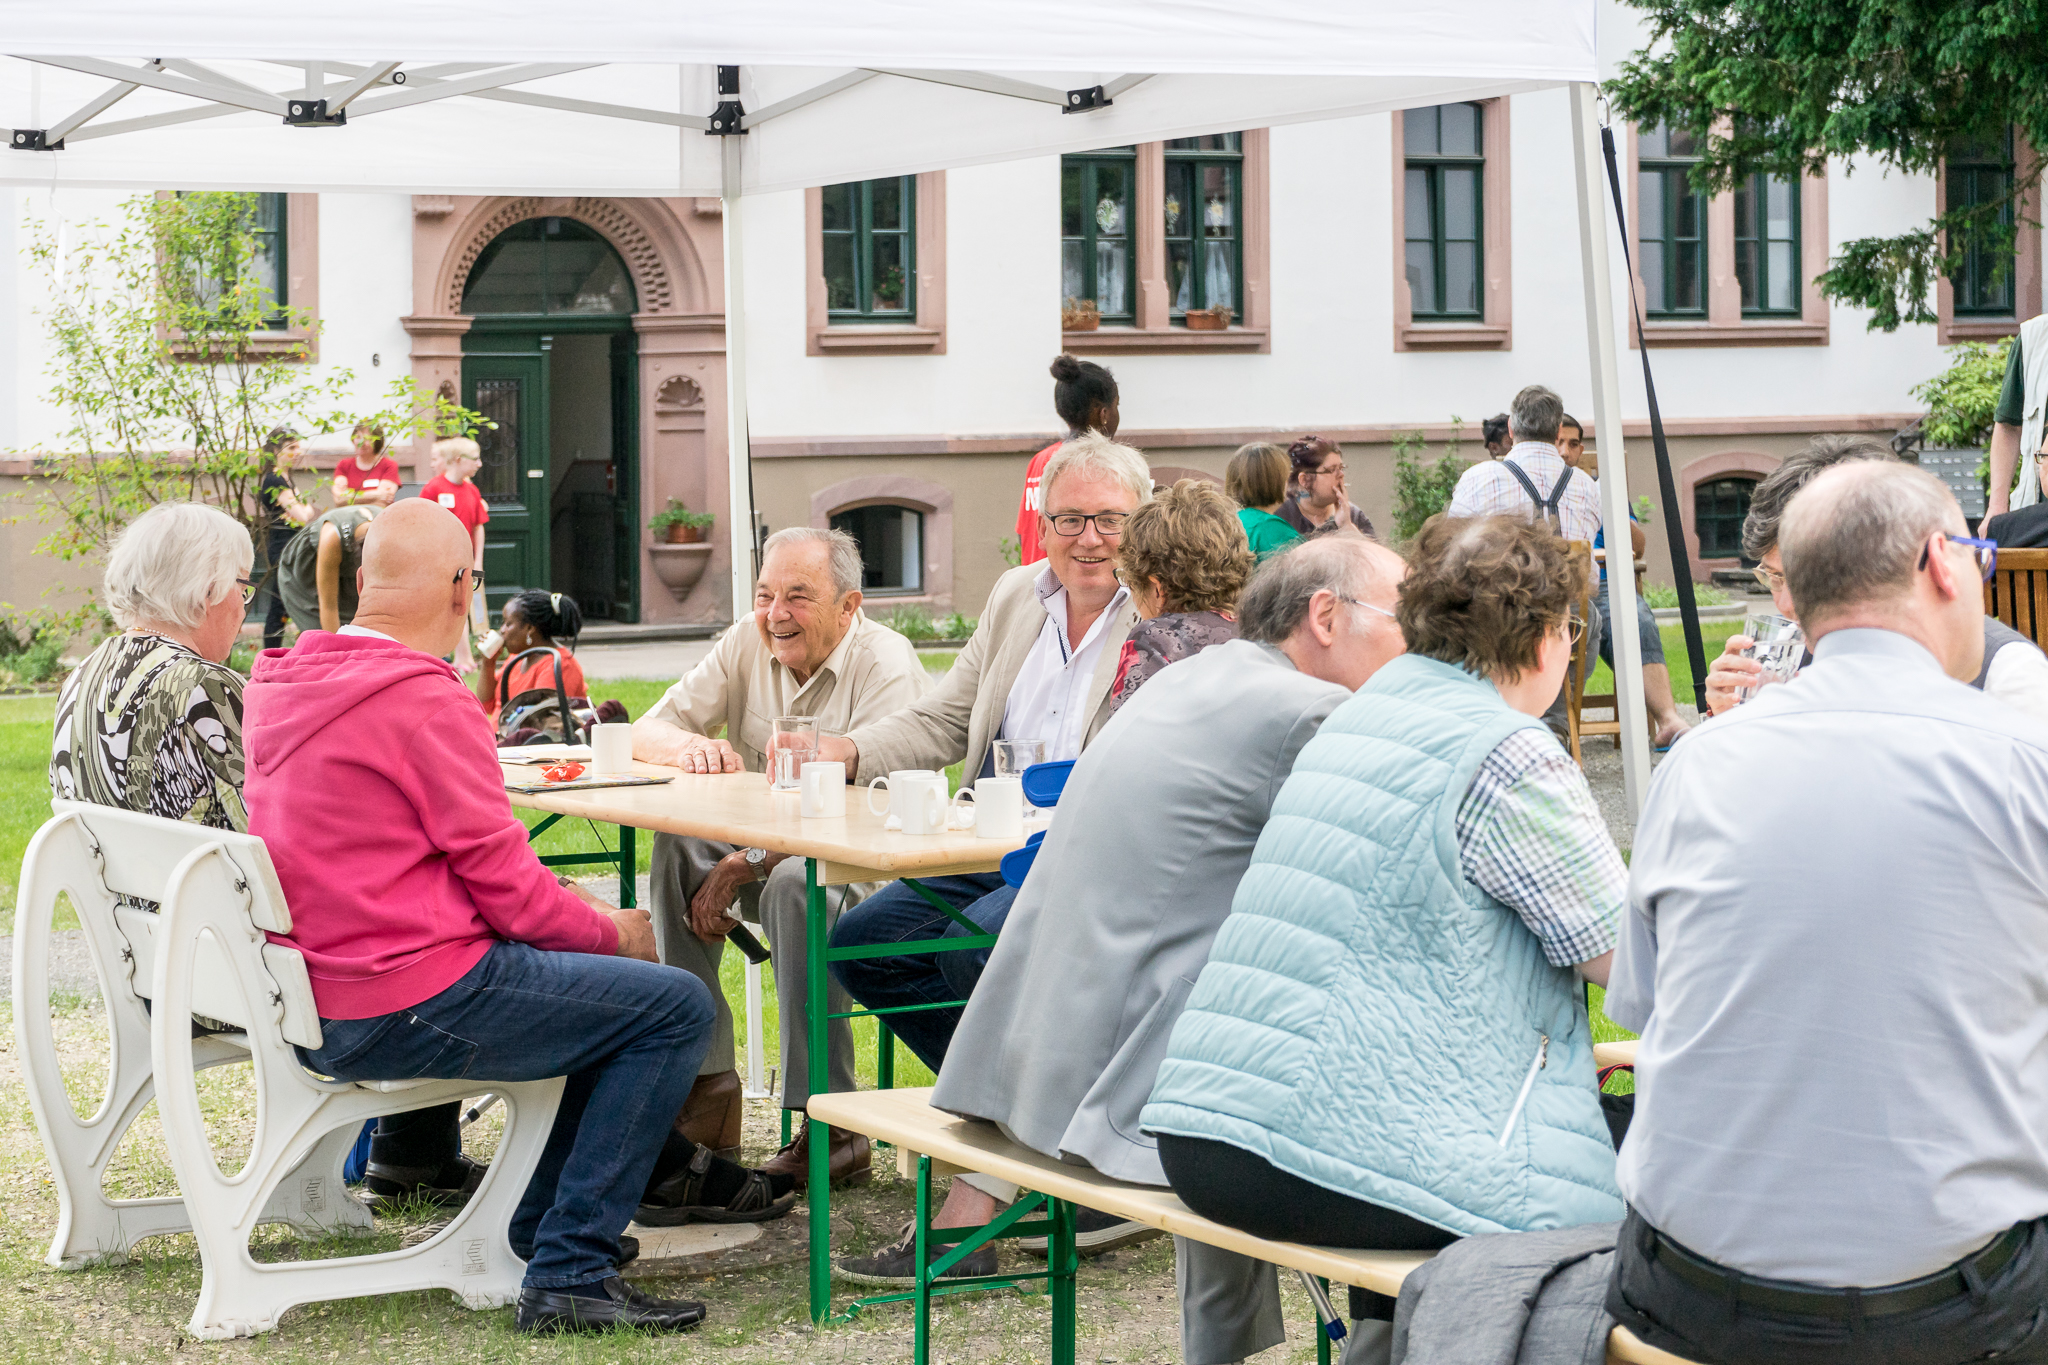 Unterschiedlichste Gäste in regen Gesprächen. Hannes Hellmann, Sprecher der CDU im Sozialausschuss, im Austausch mit Hans Hutfleß, einem sozialdemokratischen Urgestein.